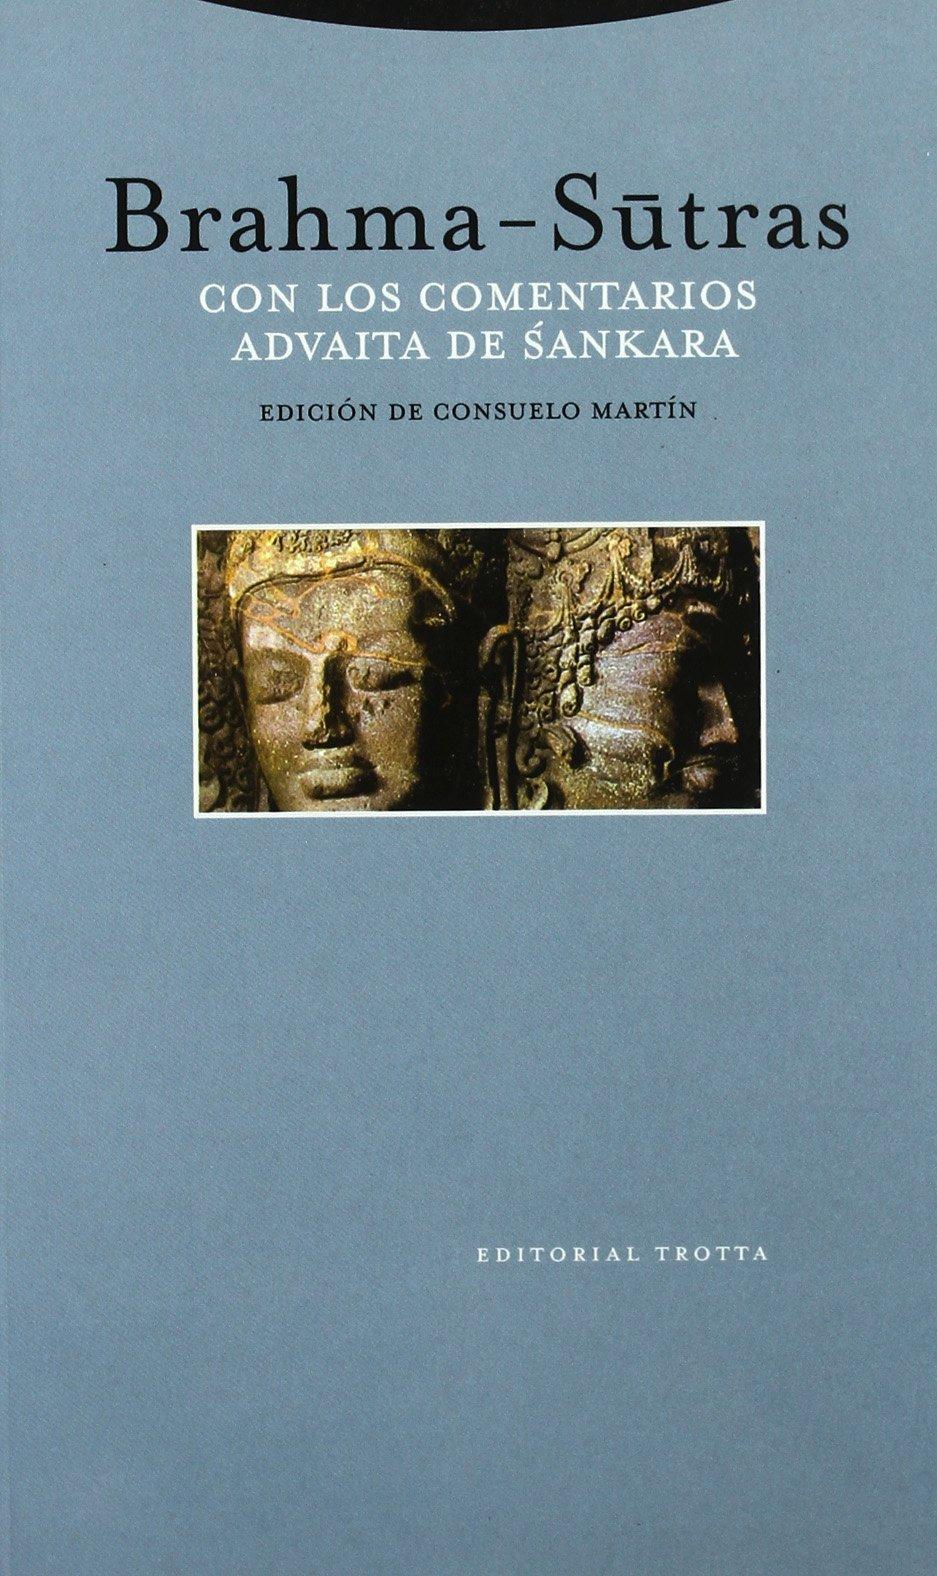 Brahma Sutras - Con Los Comentarios de Advatia (Spanish Edition) PDF